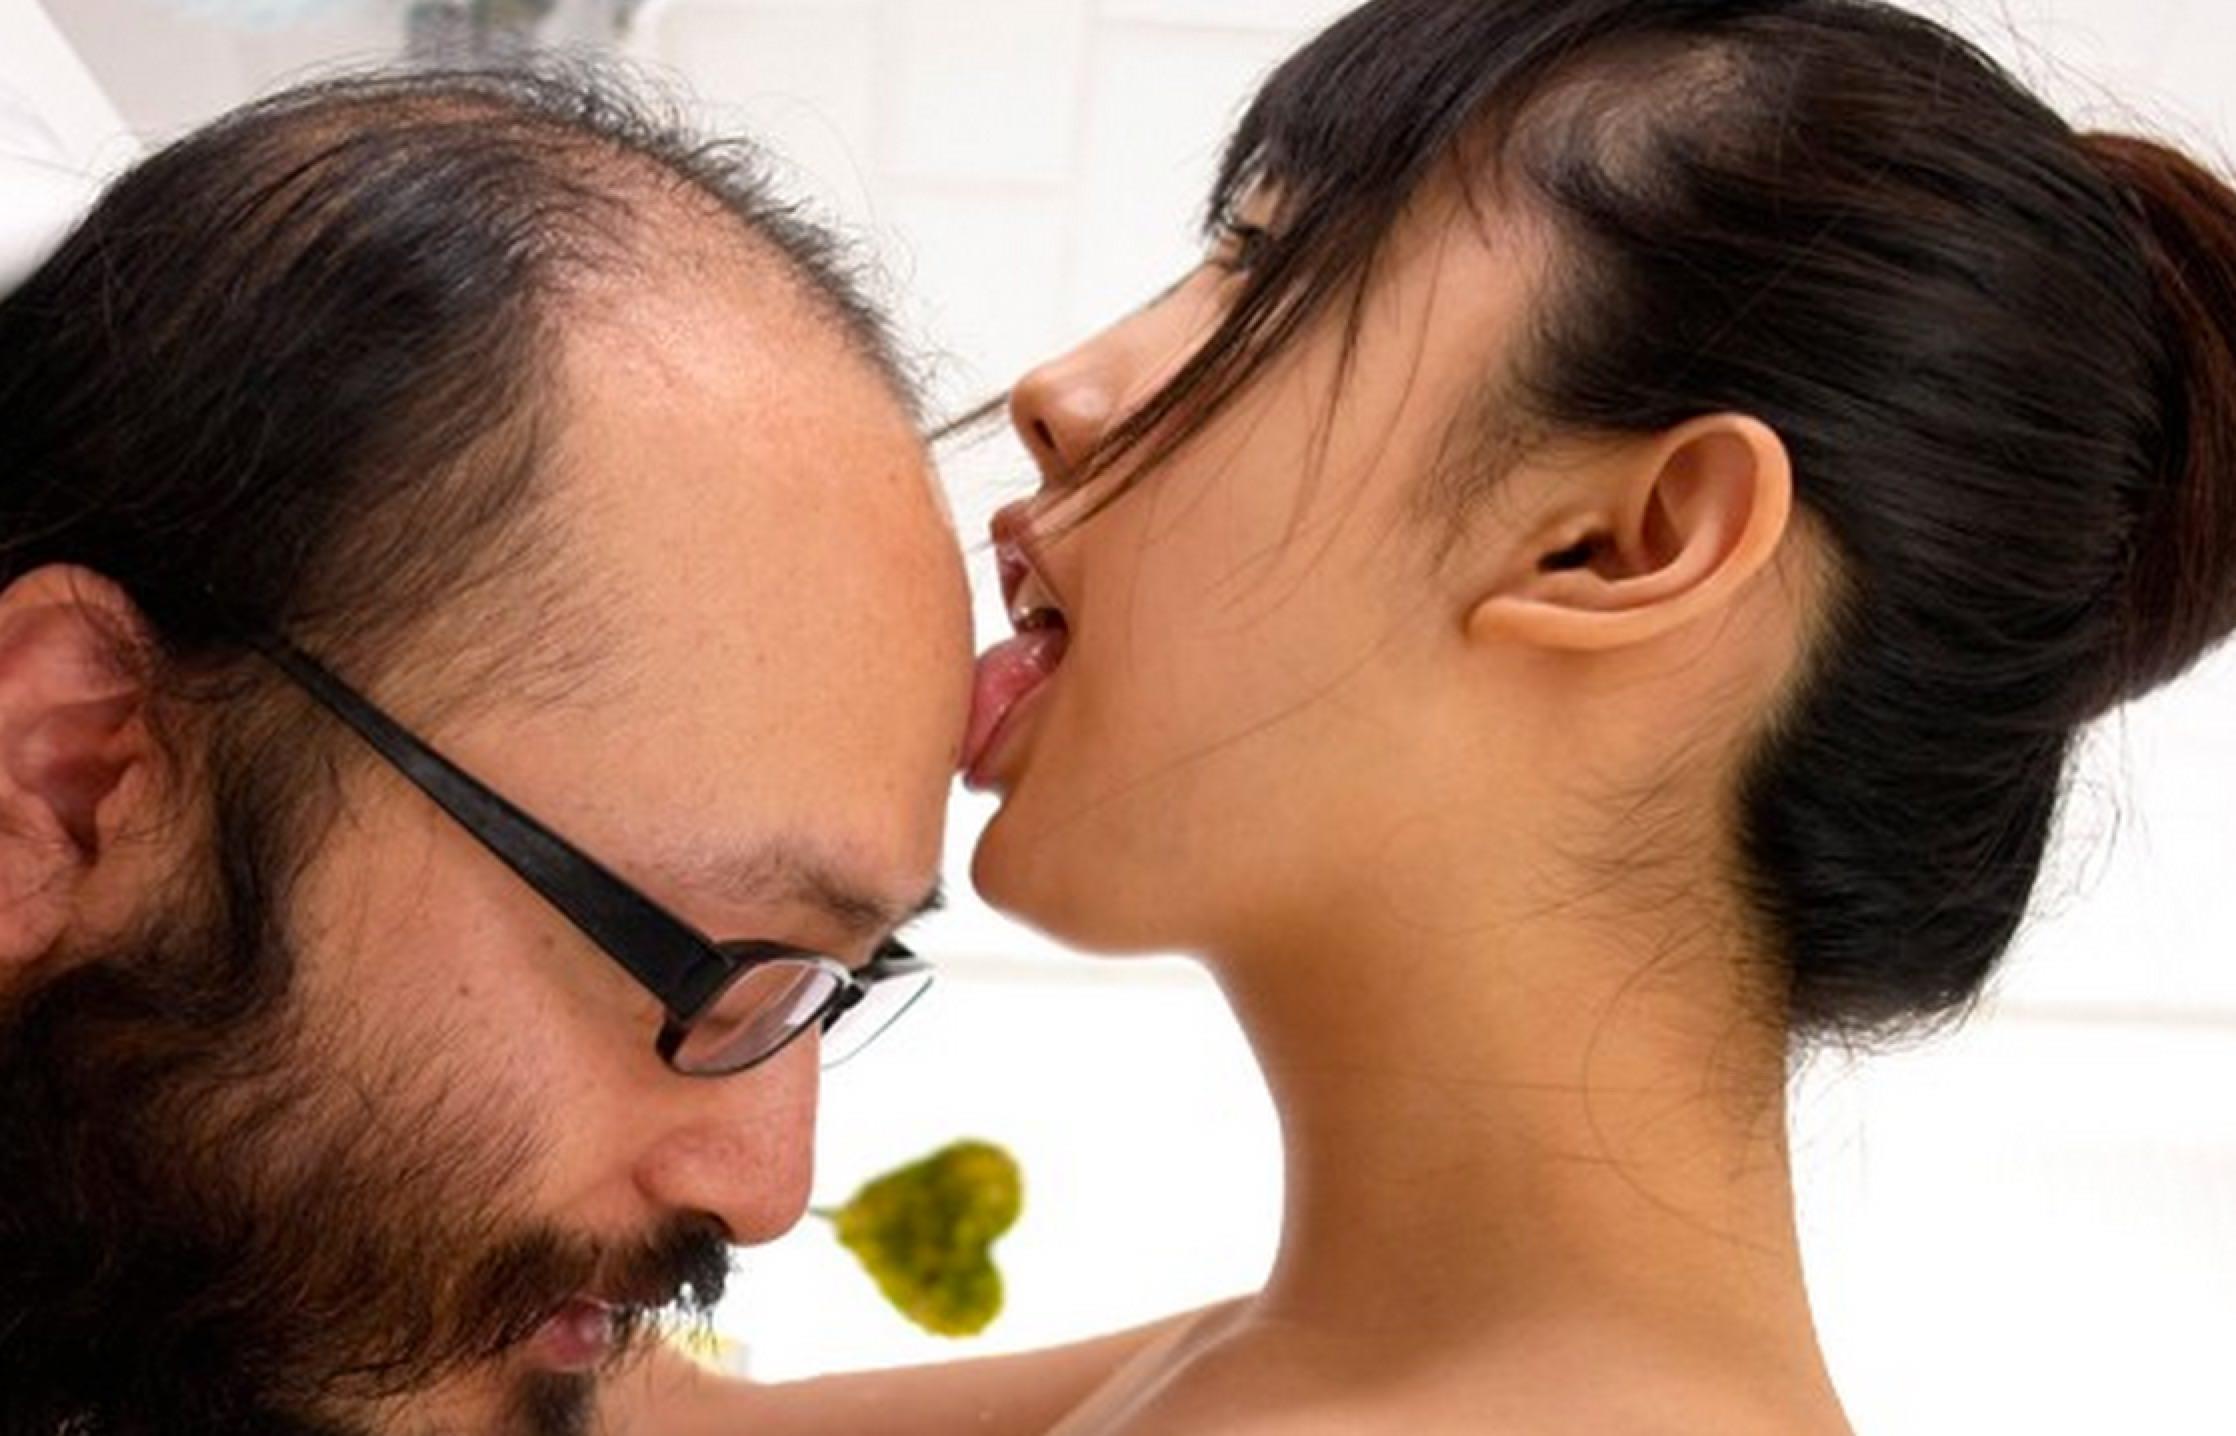 キモメンオヤジと美少女のセックス 5